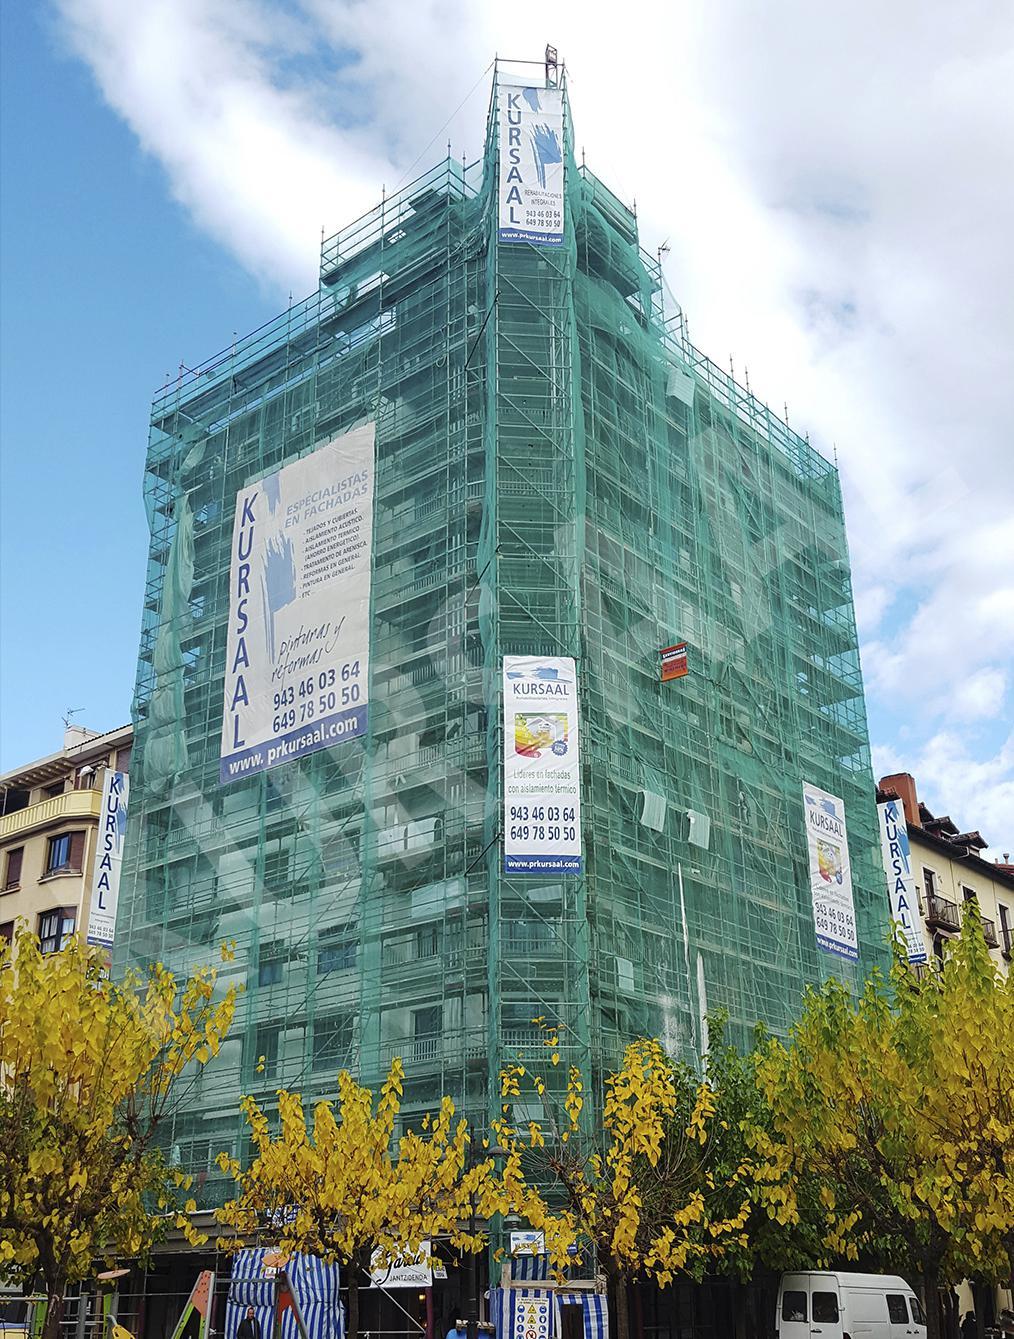 foto 12 - Aislamientos Térmicos y Eficiencia Energética-Gure Zumardia 3-PASAIA, GIPUZKOA